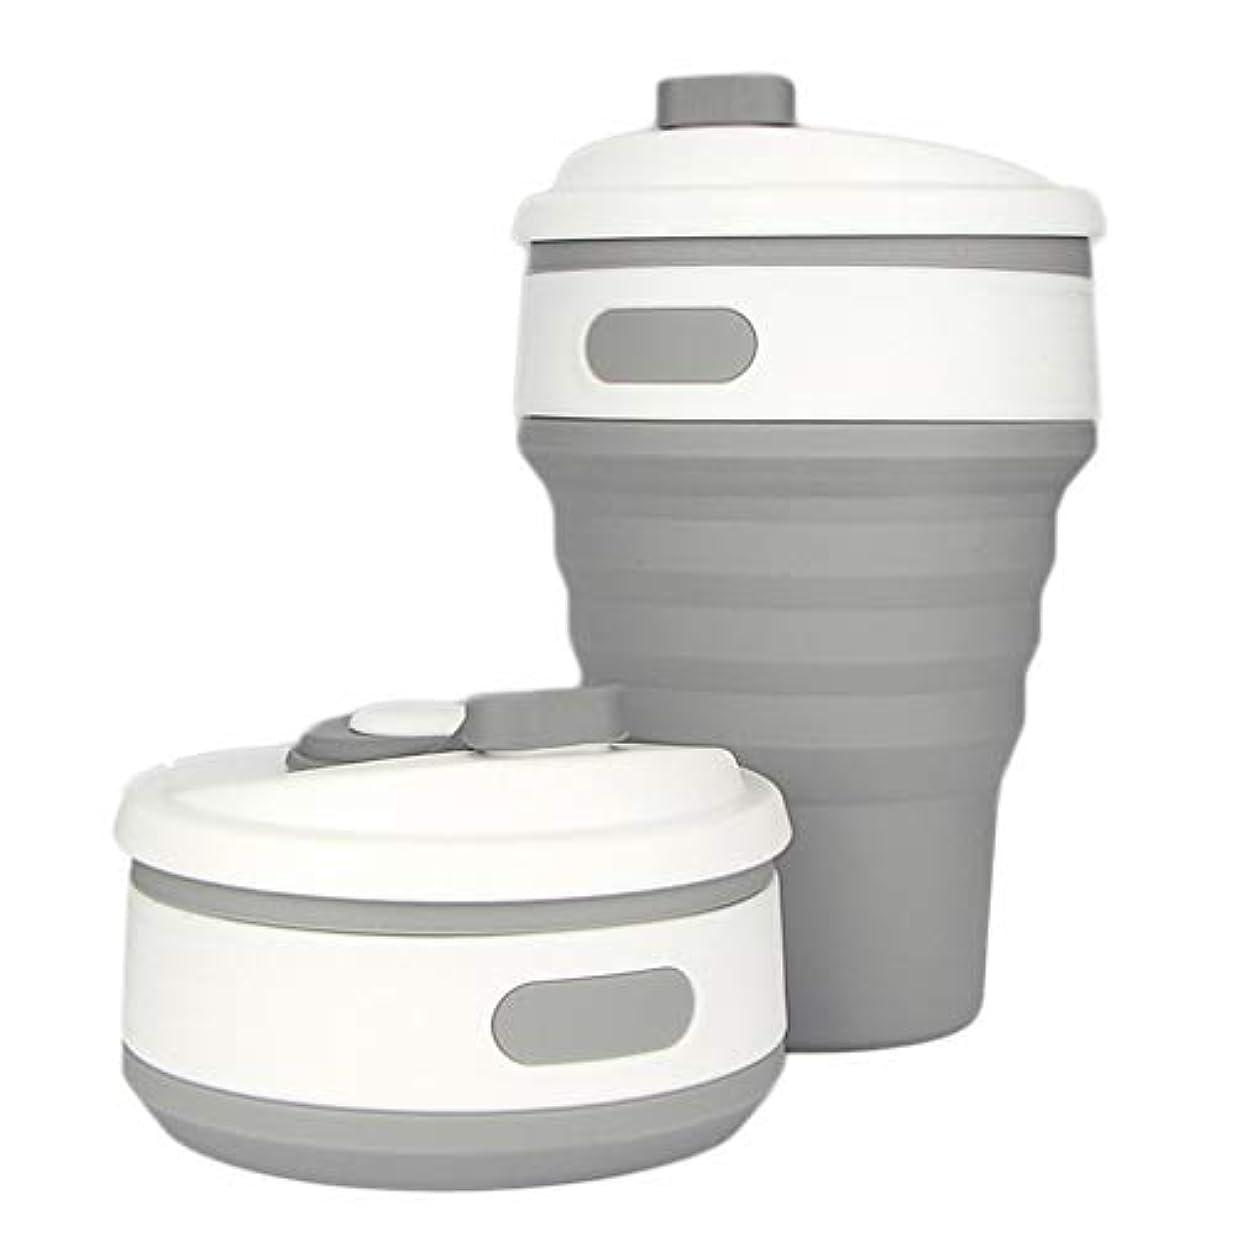 コンテンポラリー火星メトロポリタン折りたたみカップ シリコンコップ アウトドア 伸縮性 蓋付き 携帯コーヒーコップ 耐熱耐冷 旅行 出張 自宅 アウトドアコップ 軽量